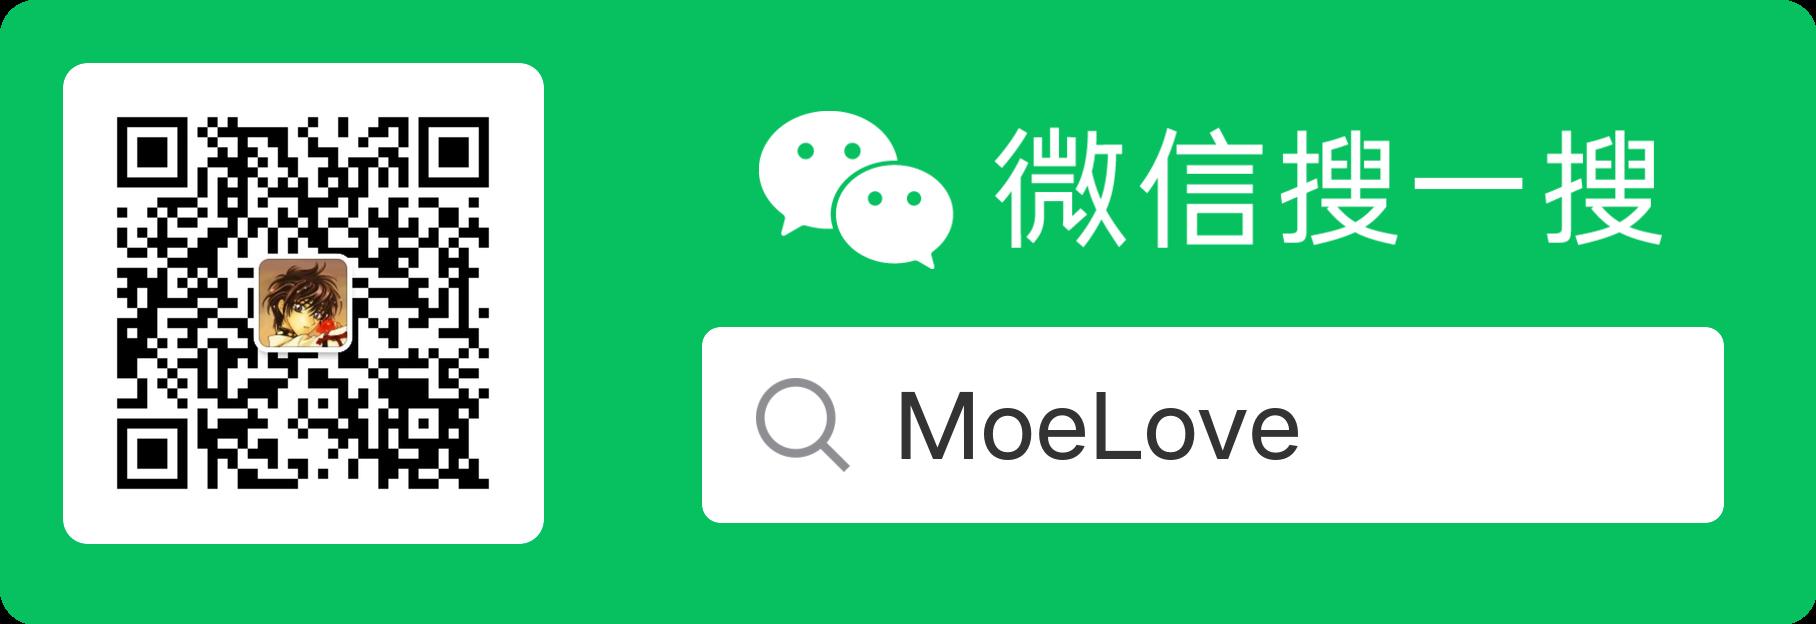 TheMoeLove